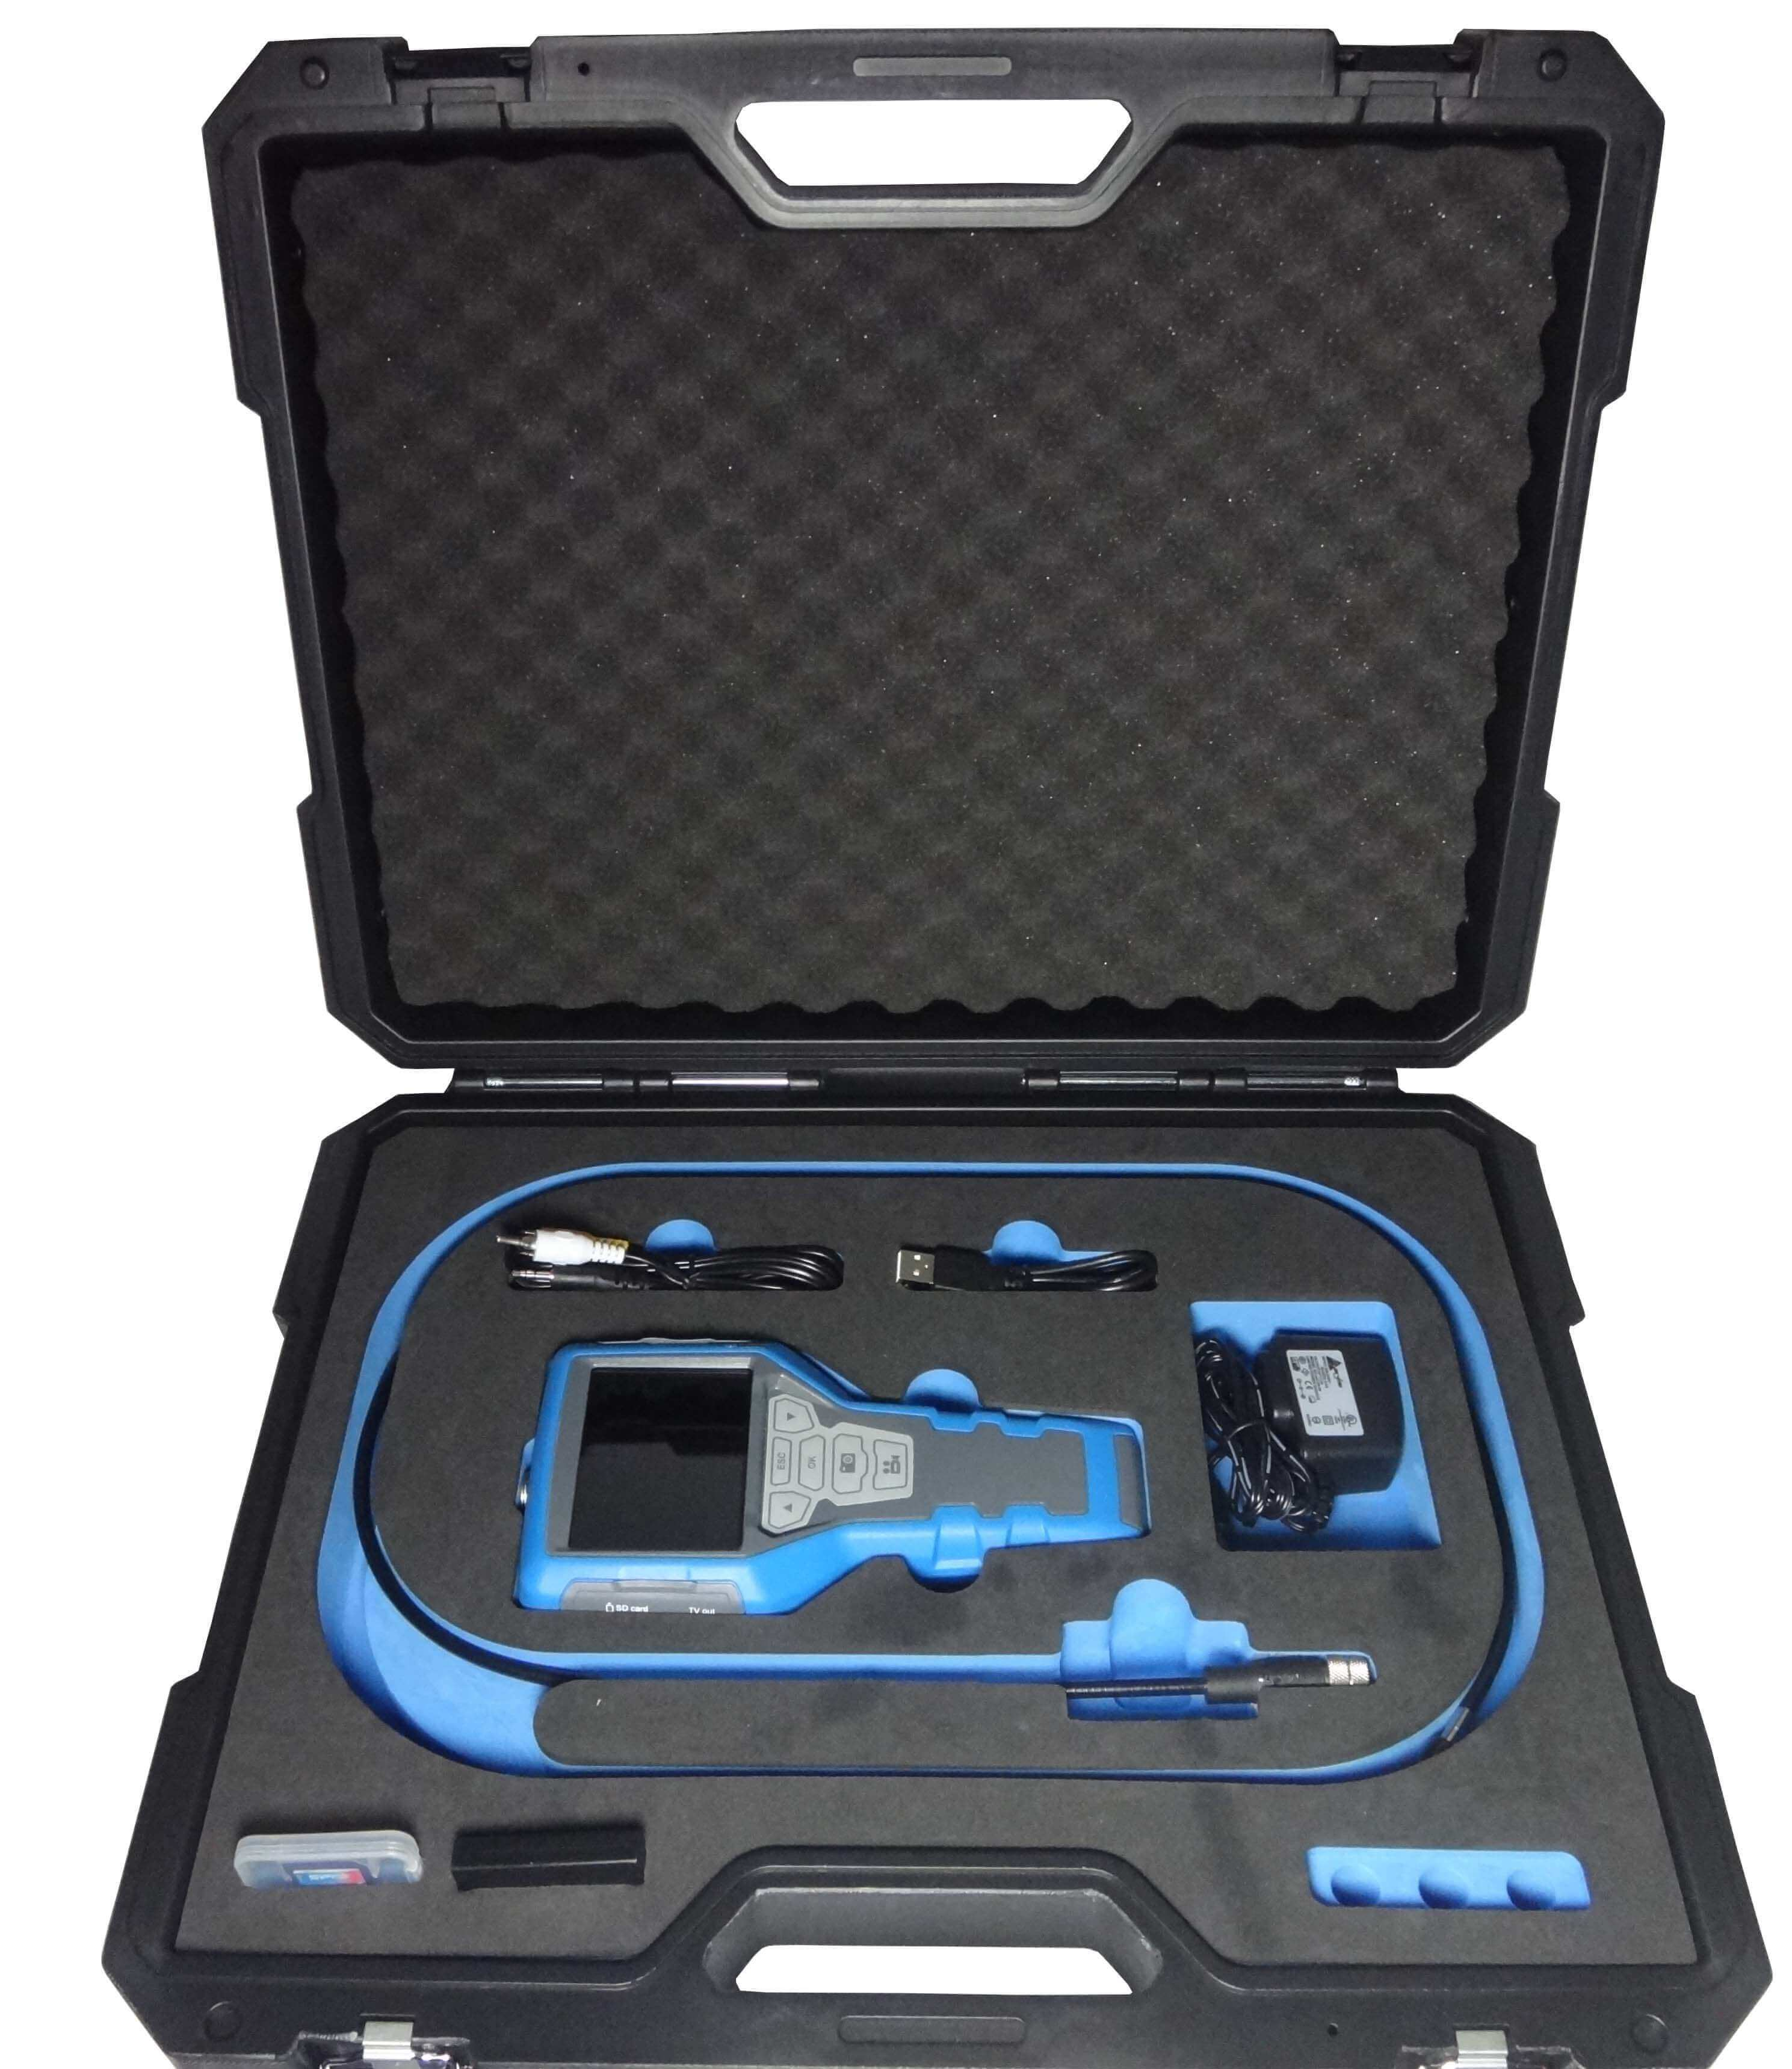 Videoscope (TX101-6)